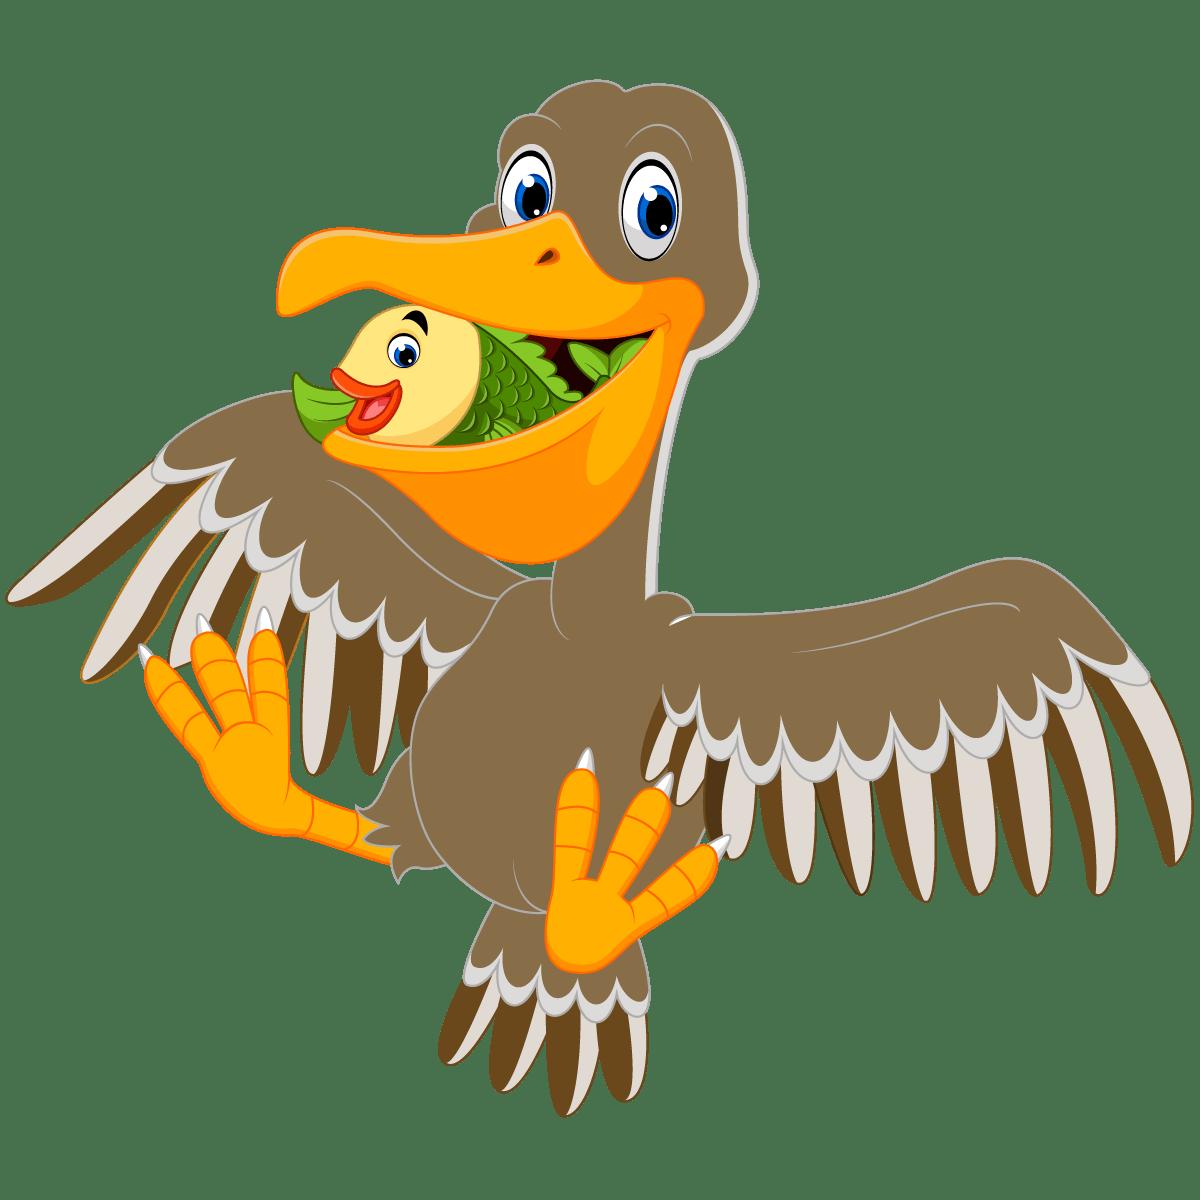 Brown pelican cartoon